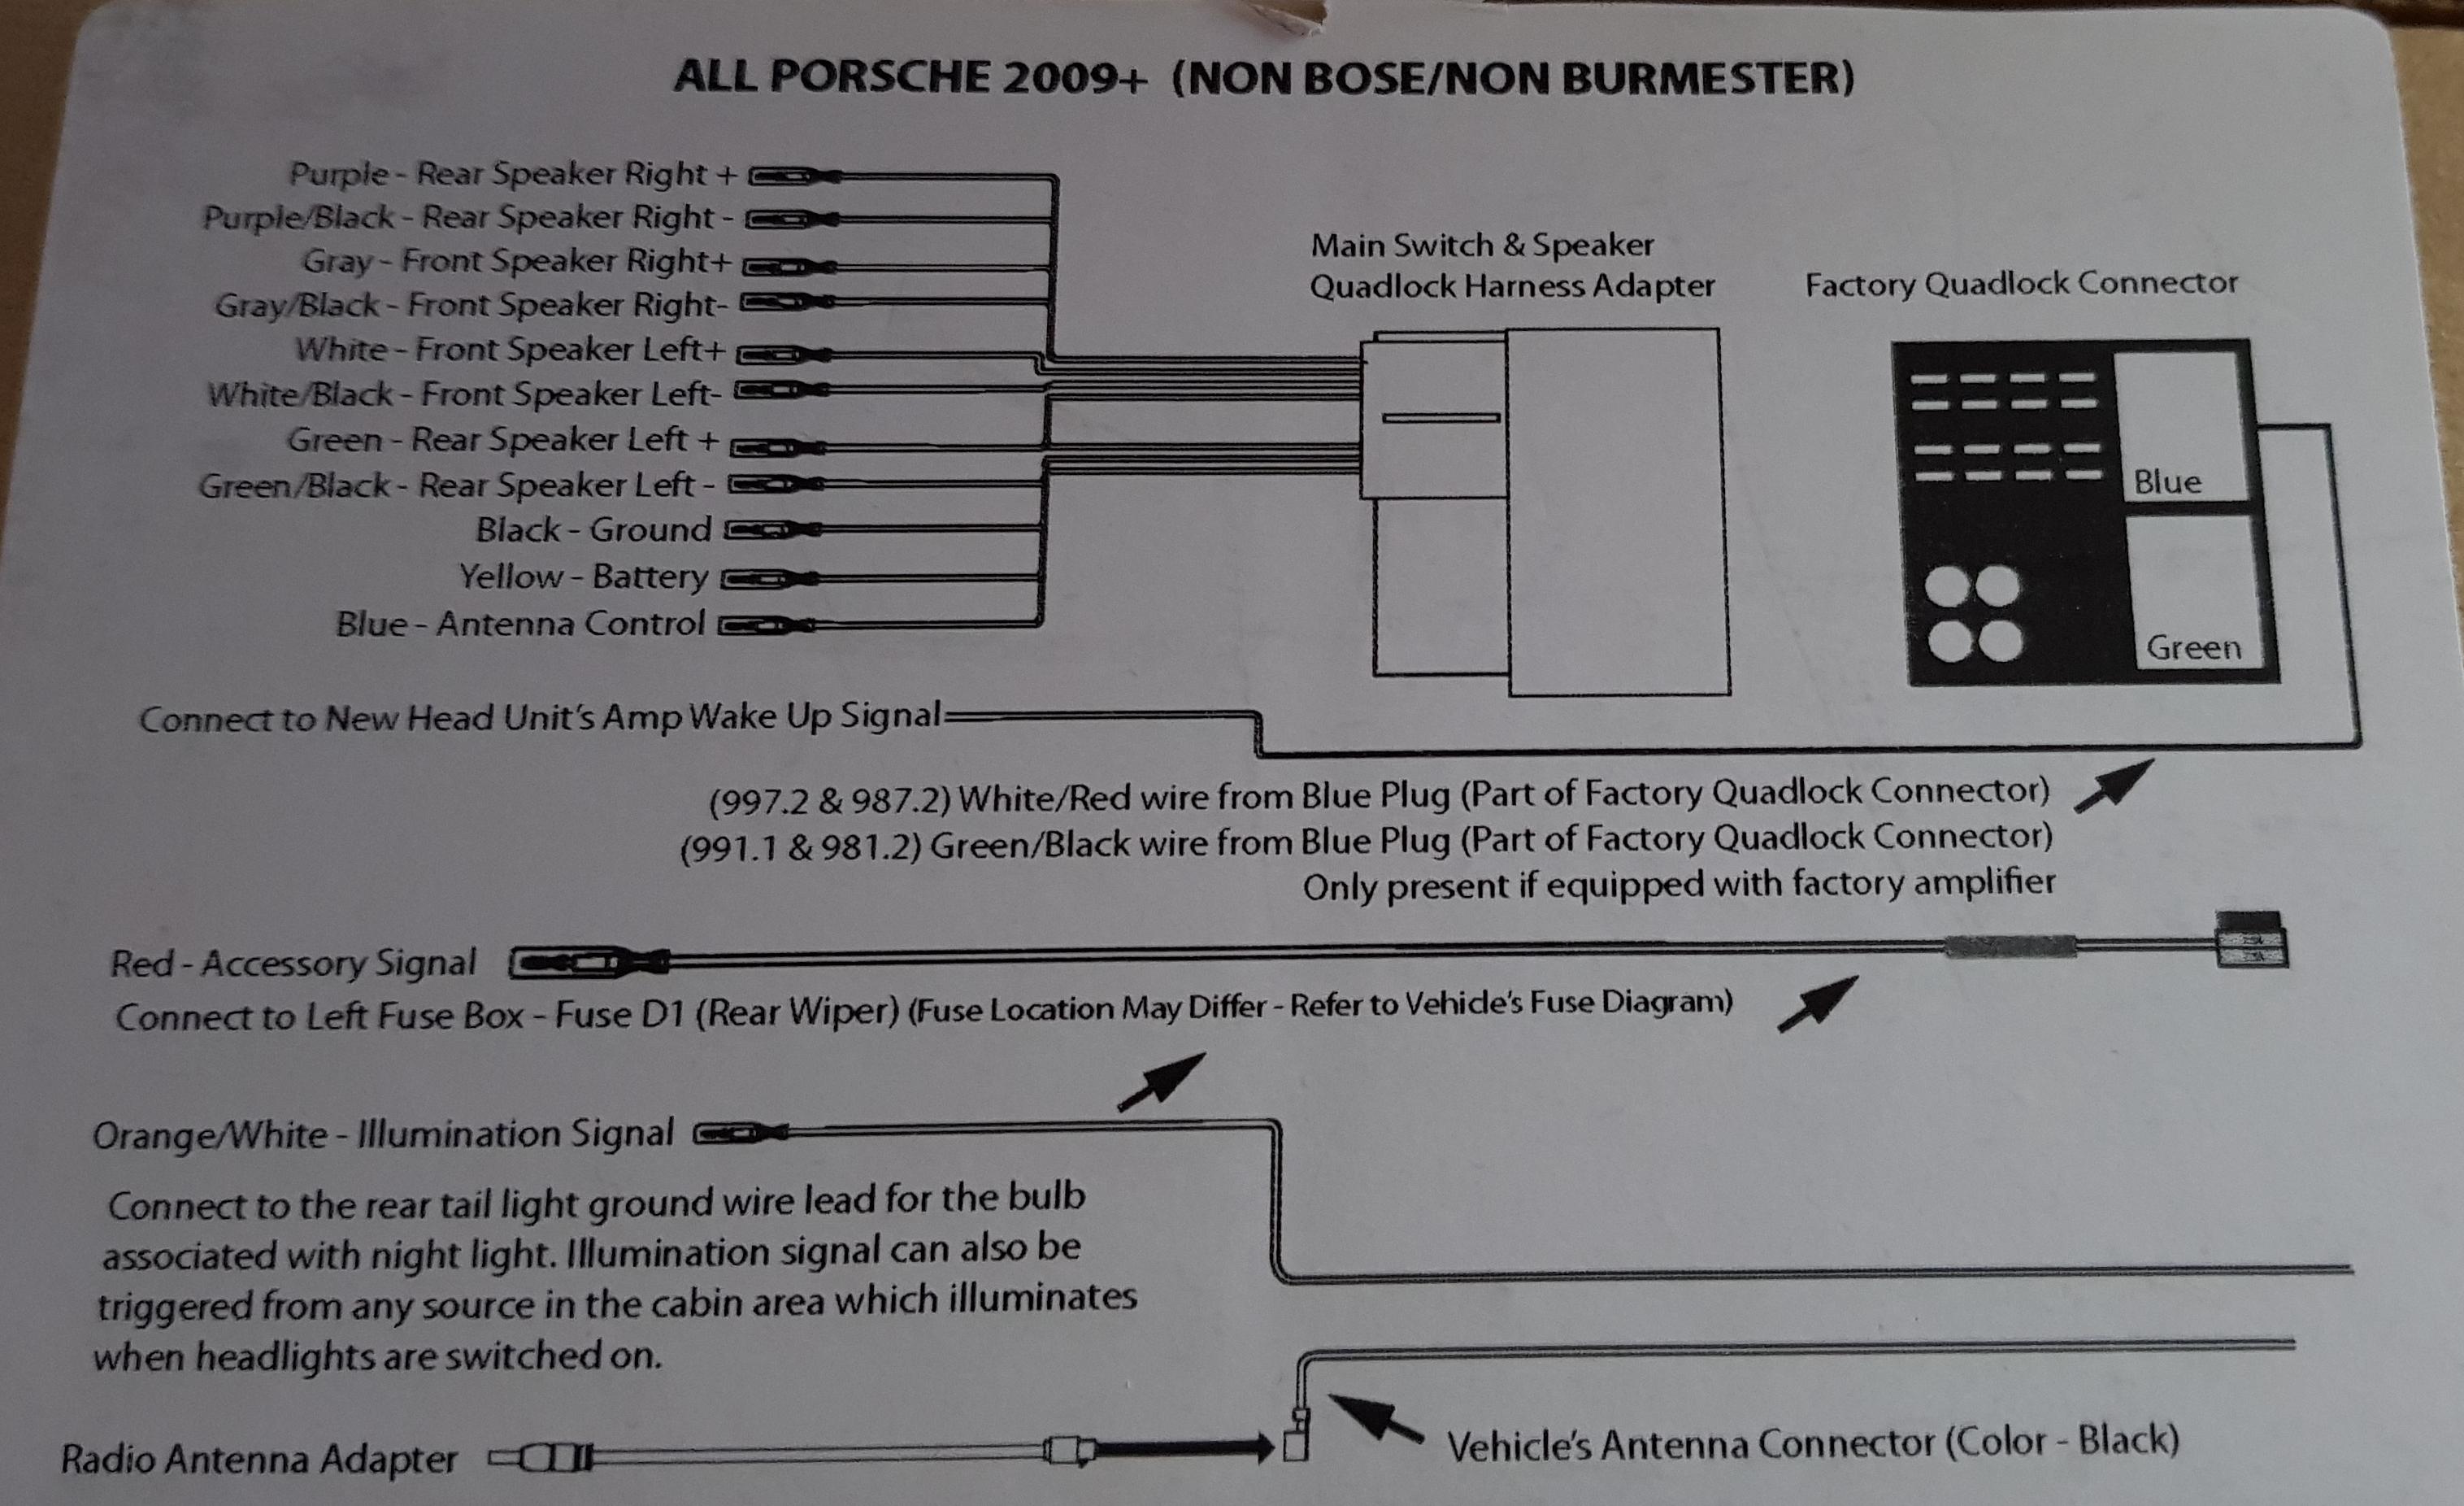 aftermarket radio install | Planet-9 Porsche ForumPlanet-9 Porsche Forum